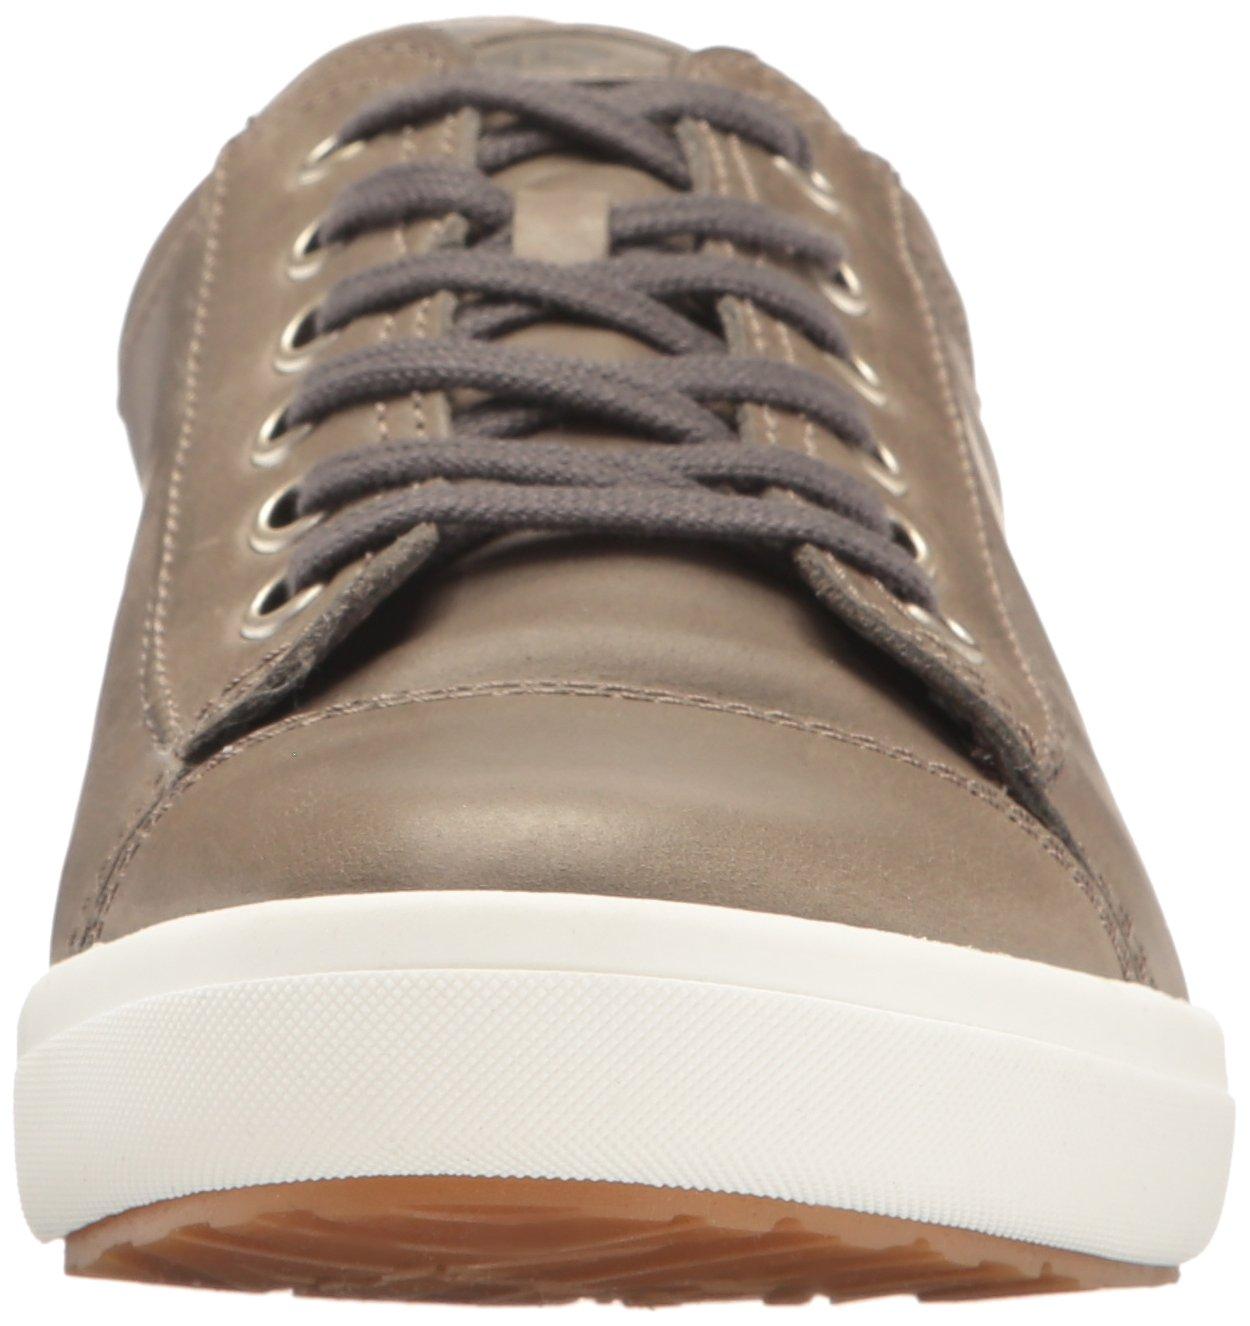 Josef Seibel Sneaker Women's Sina 11 Fashion Sneaker Seibel B01KXWWJIA 37 EU/6-6.5 M US Asphalt 5d6ca4